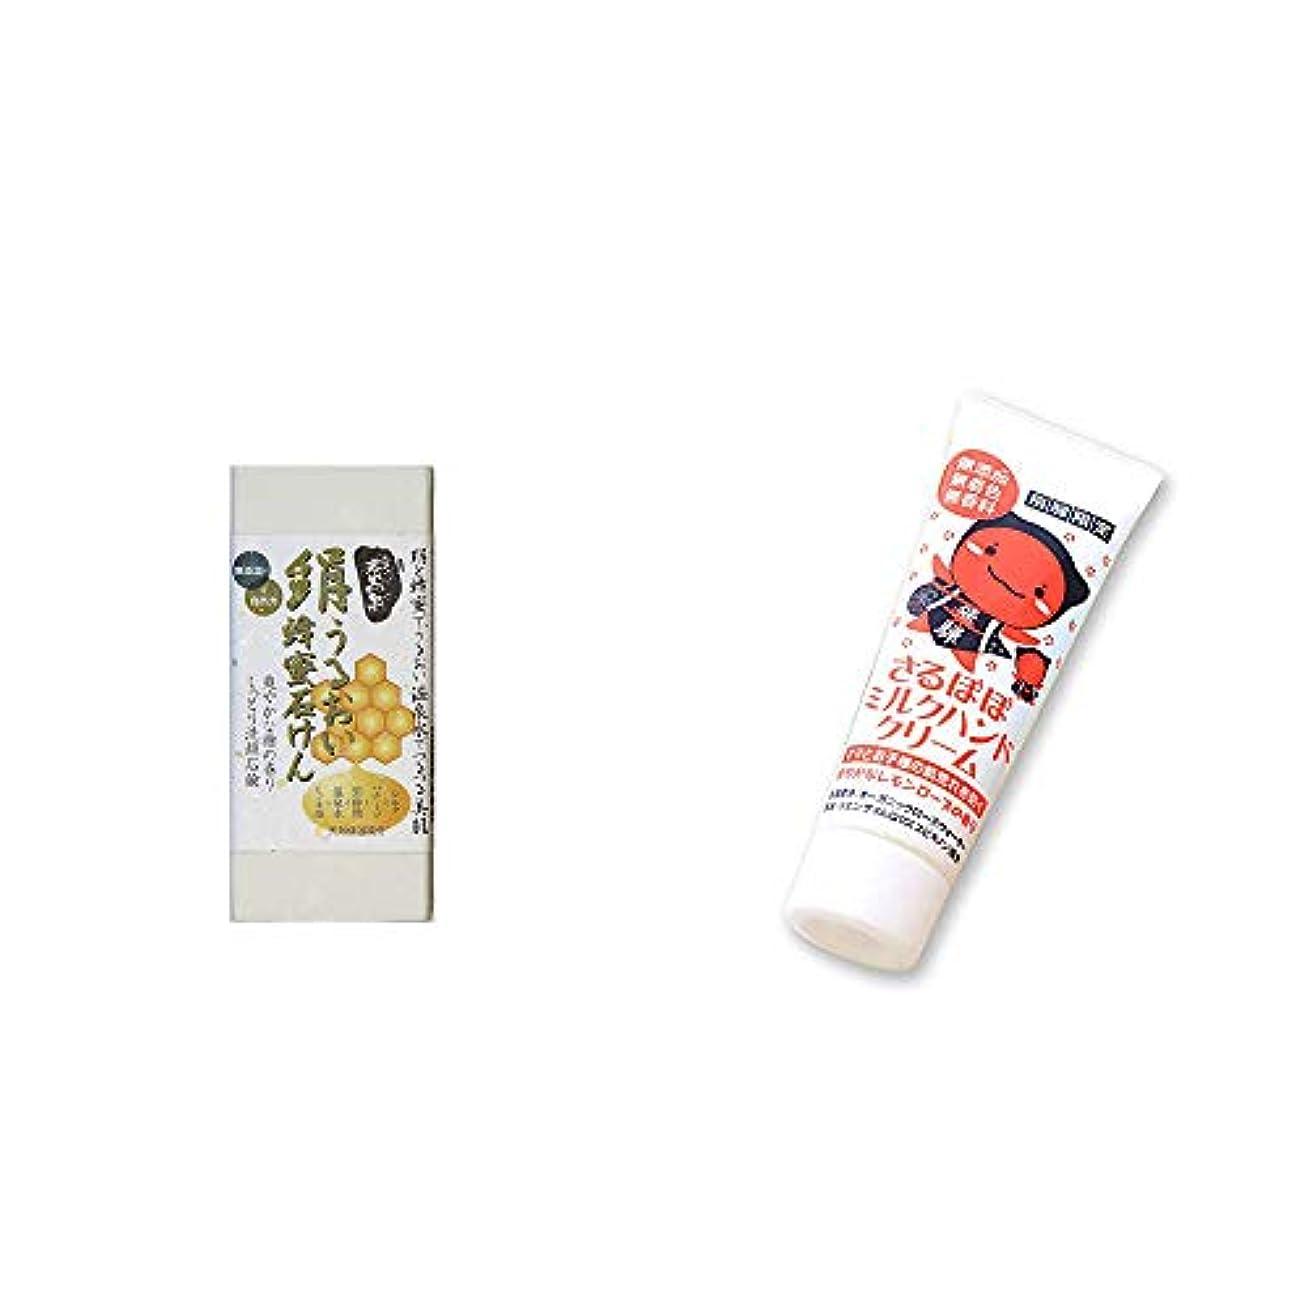 八百屋国際水没[2点セット] ひのき炭黒泉 絹うるおい蜂蜜石けん(75g×2)?さるぼぼ ミルクハンドクリーム(50g)